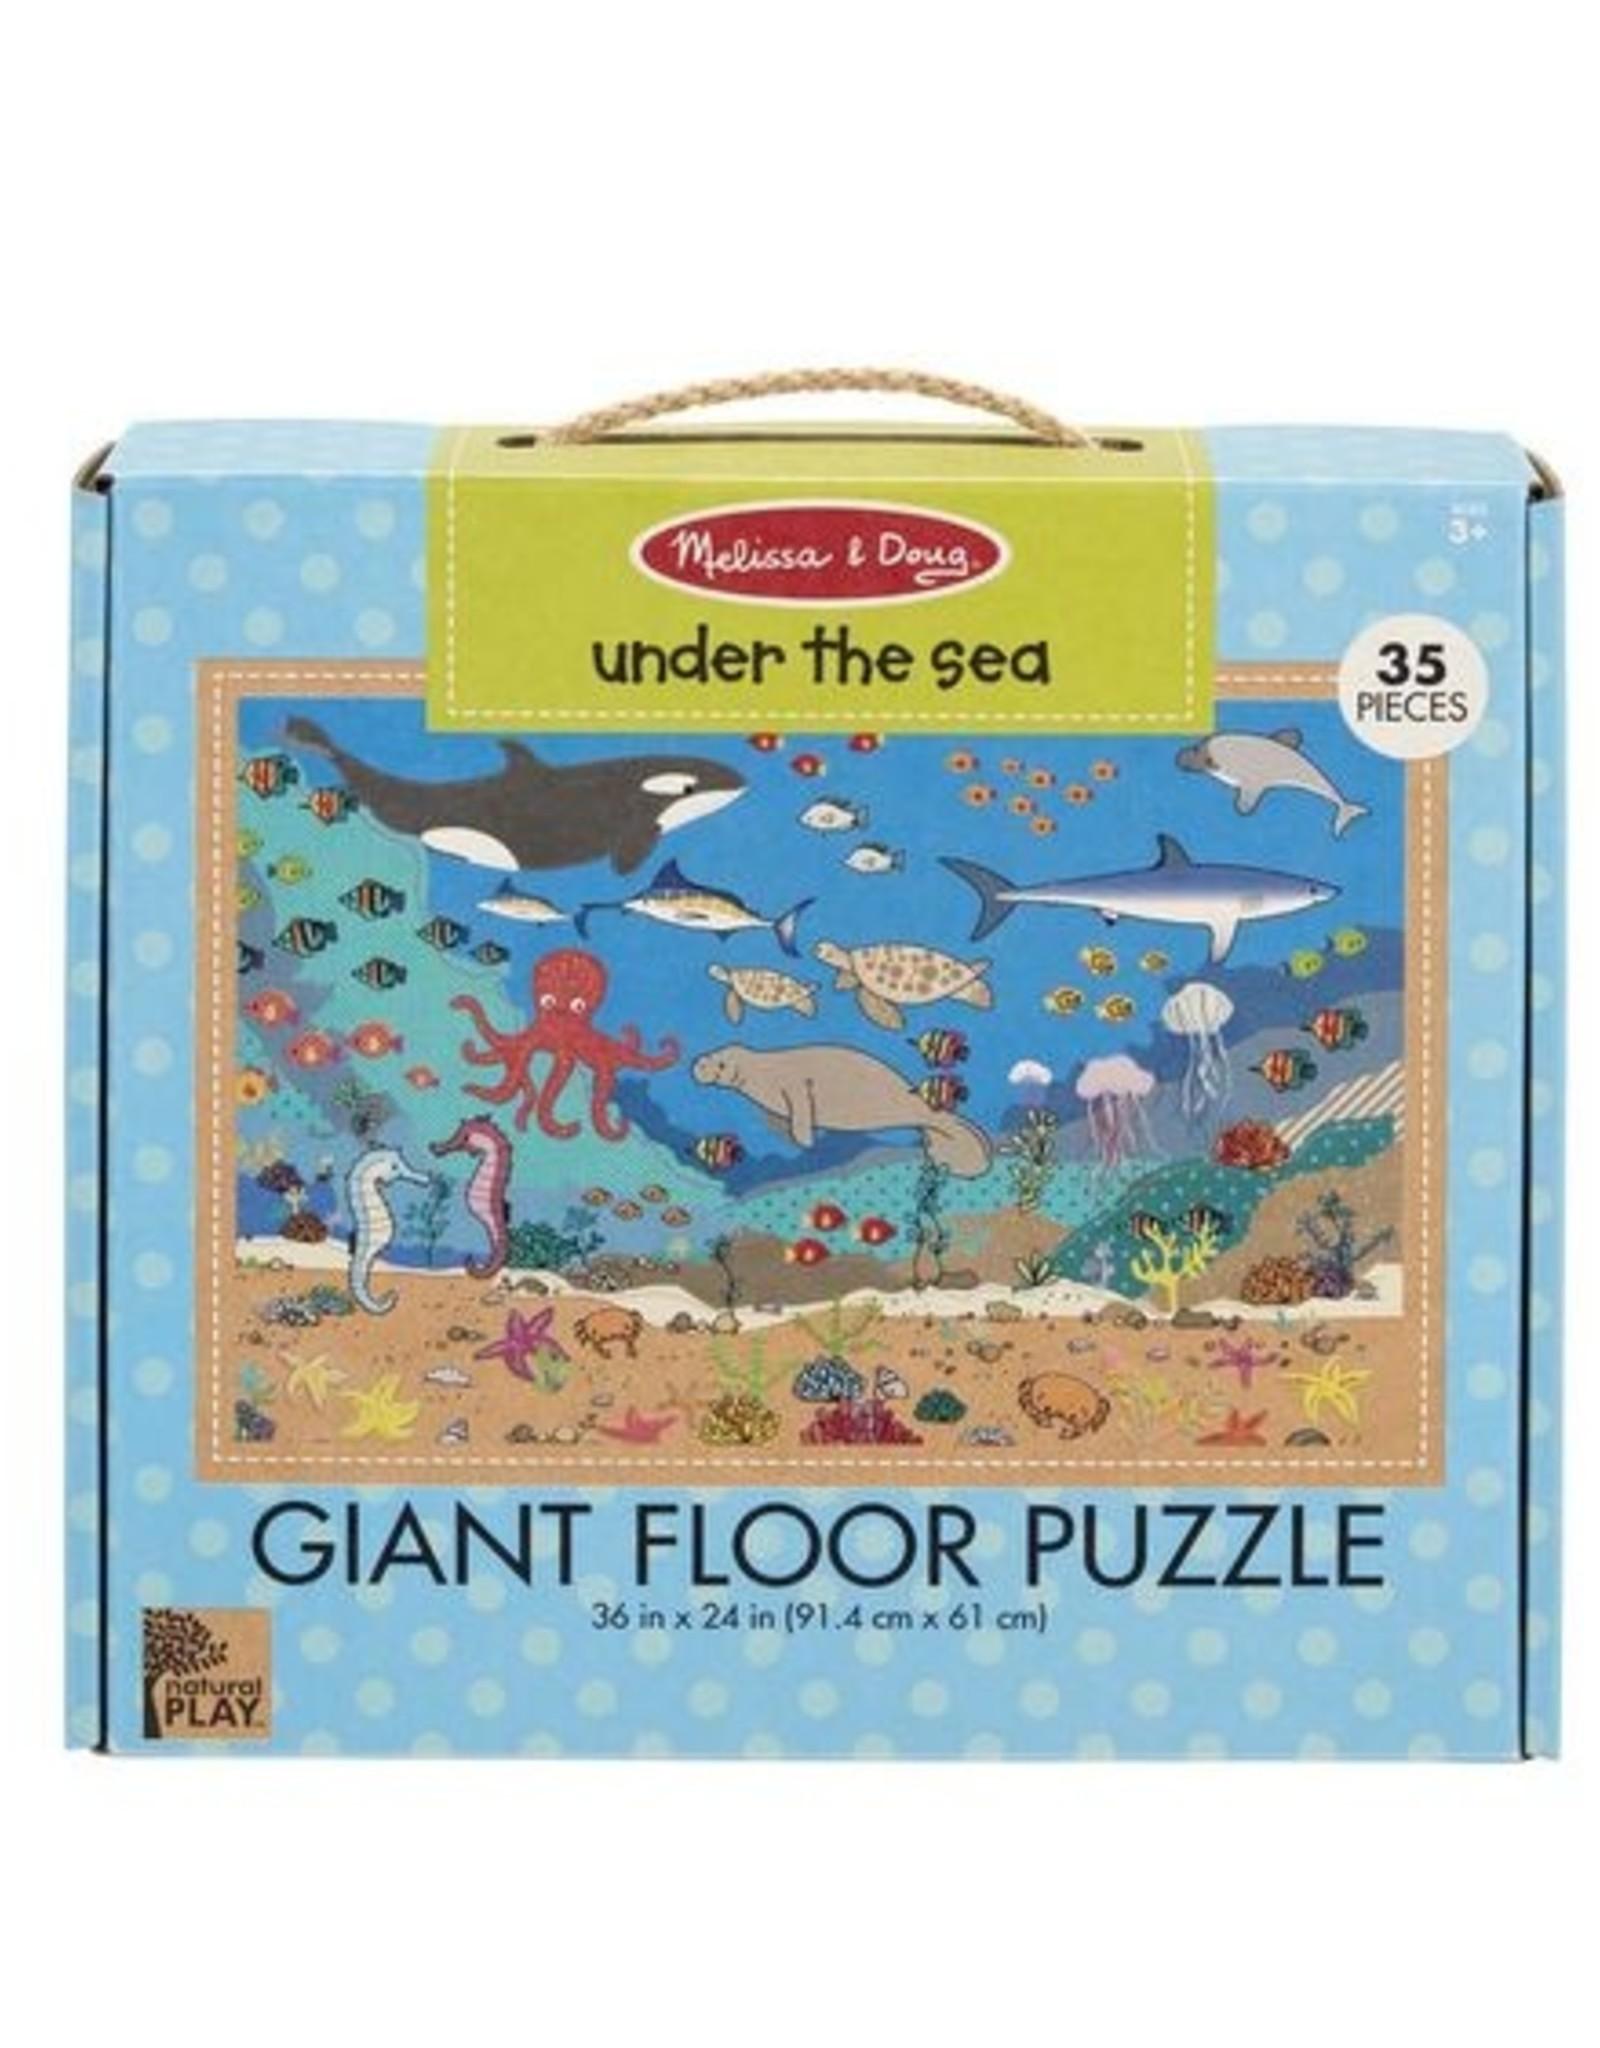 Melissa & Doug Giant Floor Puzzle Under The Sea 35pc